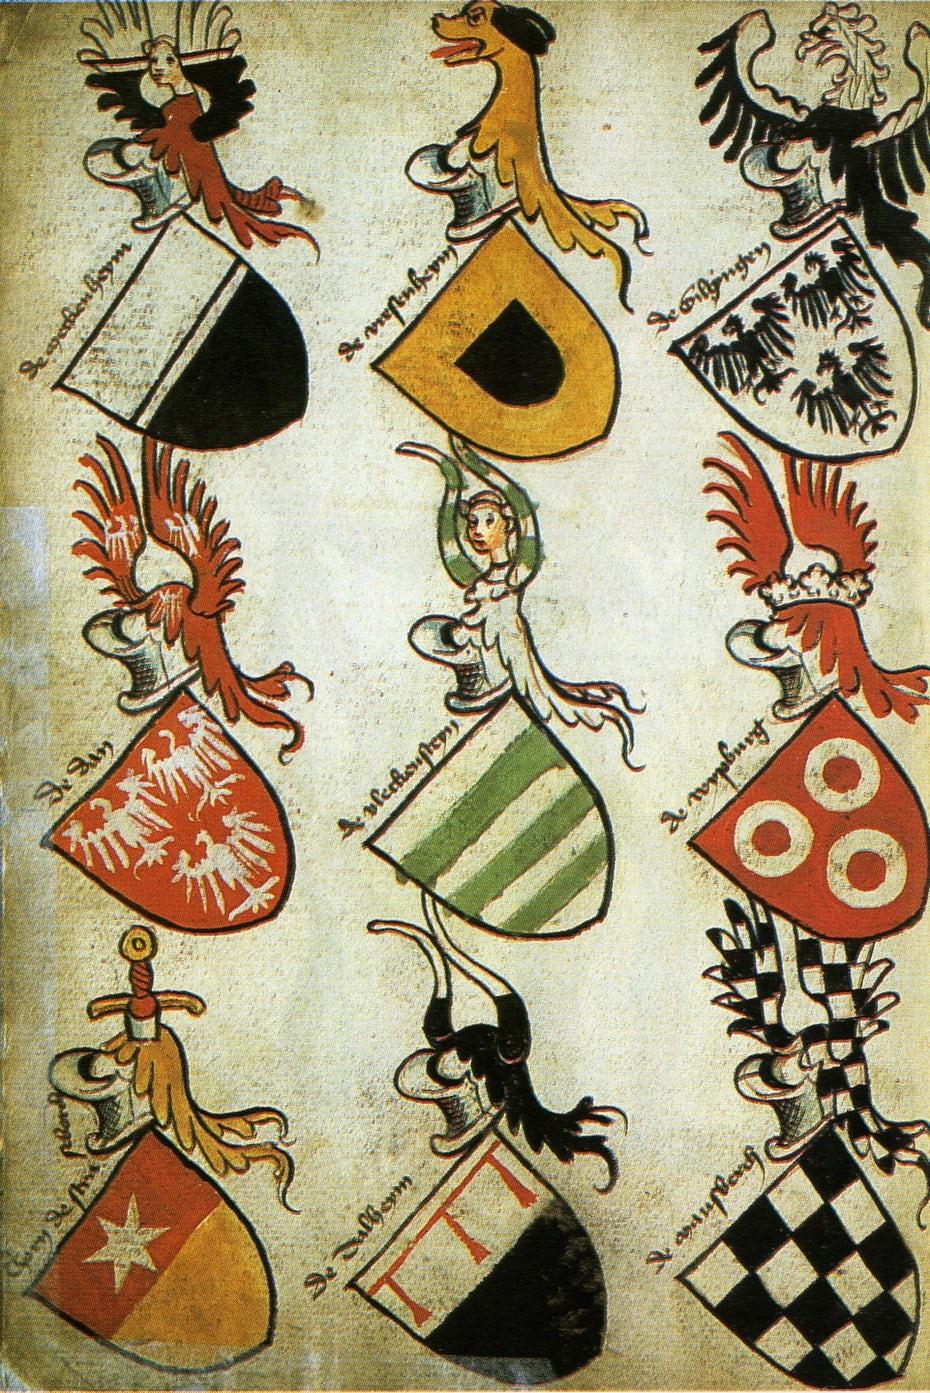 historia del diseño gráfico, 1600s escudos de armas alemanes